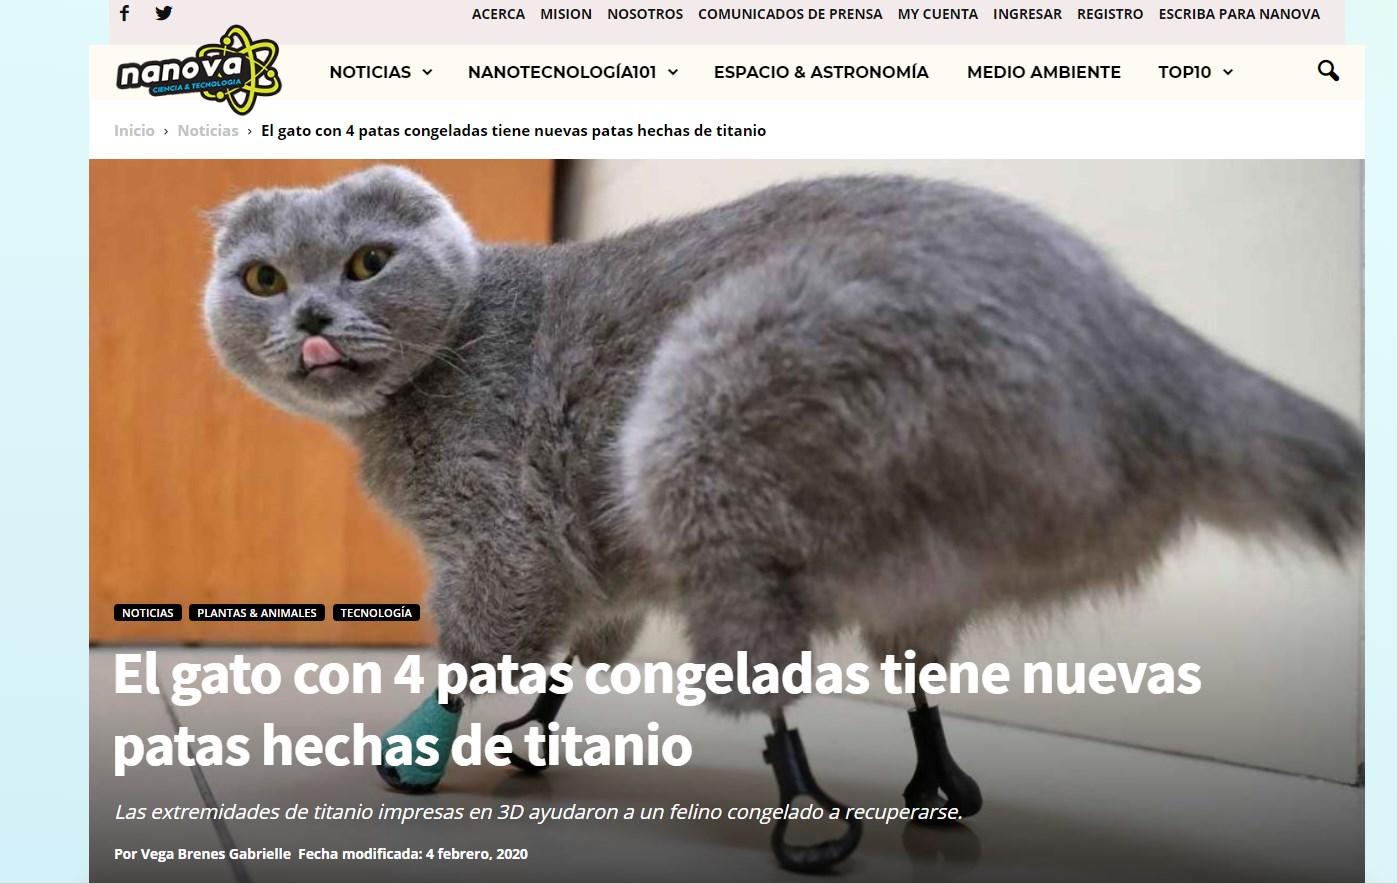 Статьи о кошке на протезах выходят в самых разных изданиях уже полгода